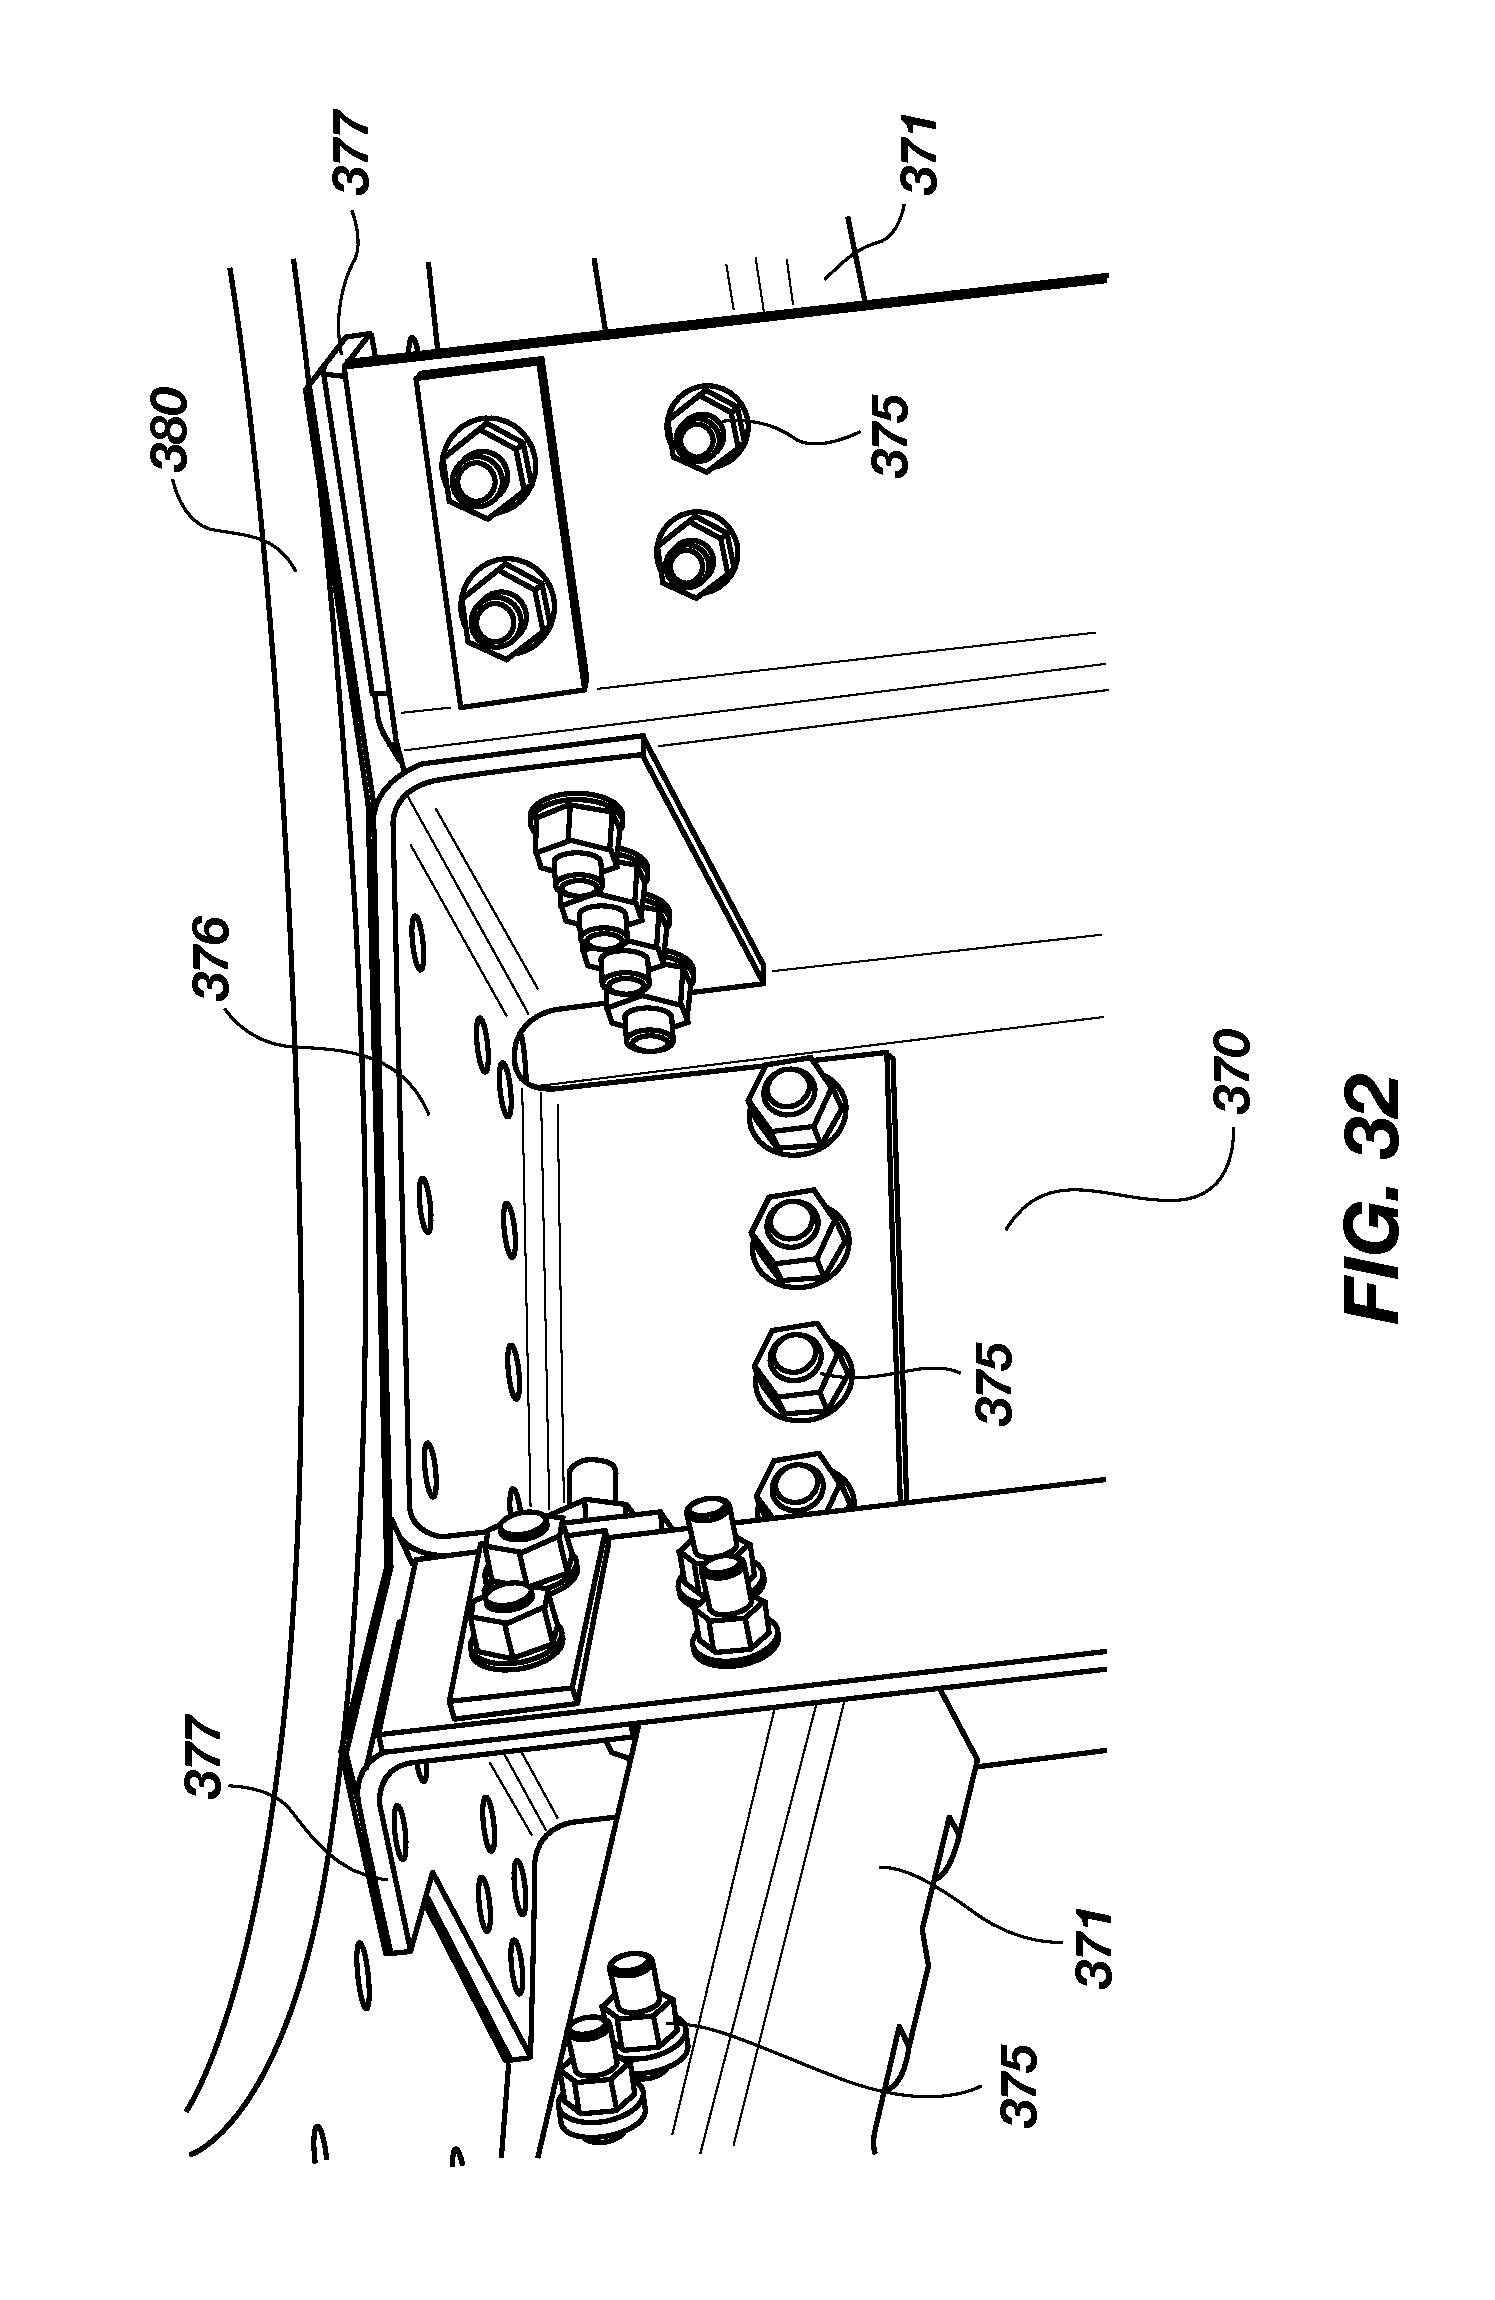 Brake Wiring Diagram On Chicago Electric Generator Wiring Diagram